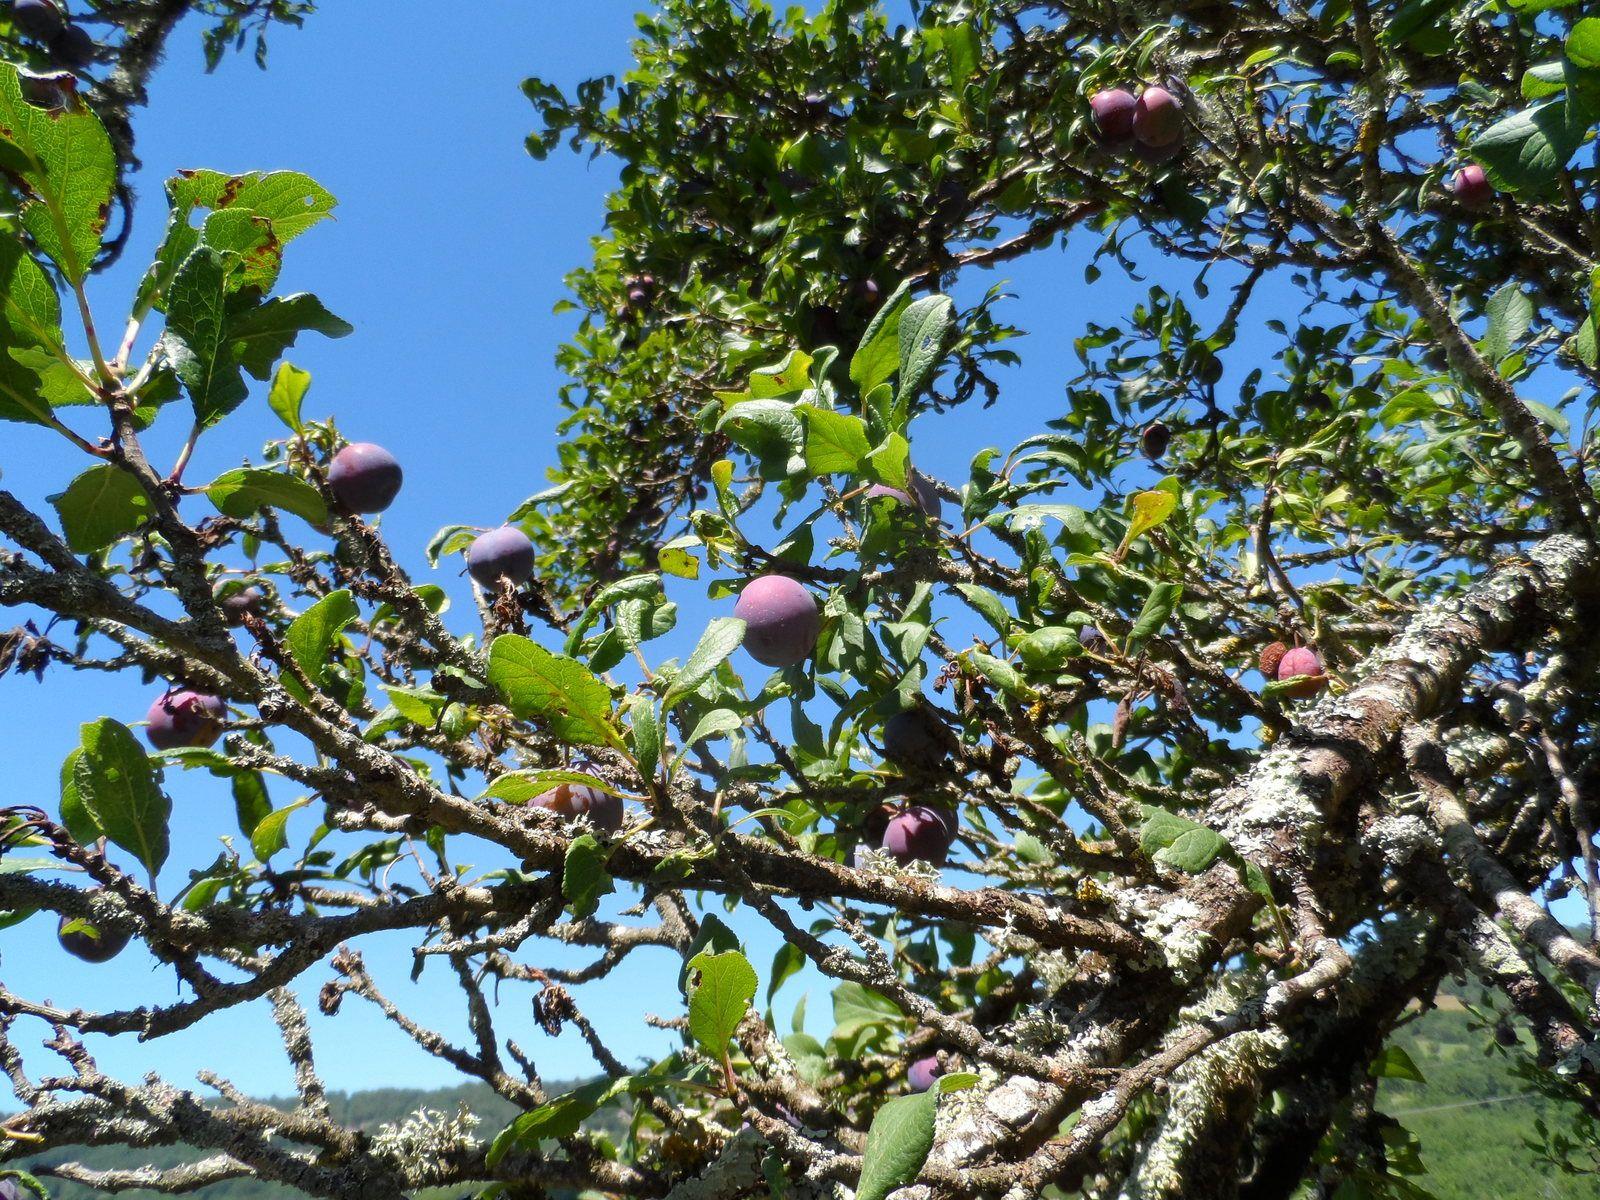 Le long du sentier, des pruniers, les branches ploient sous les fruits.